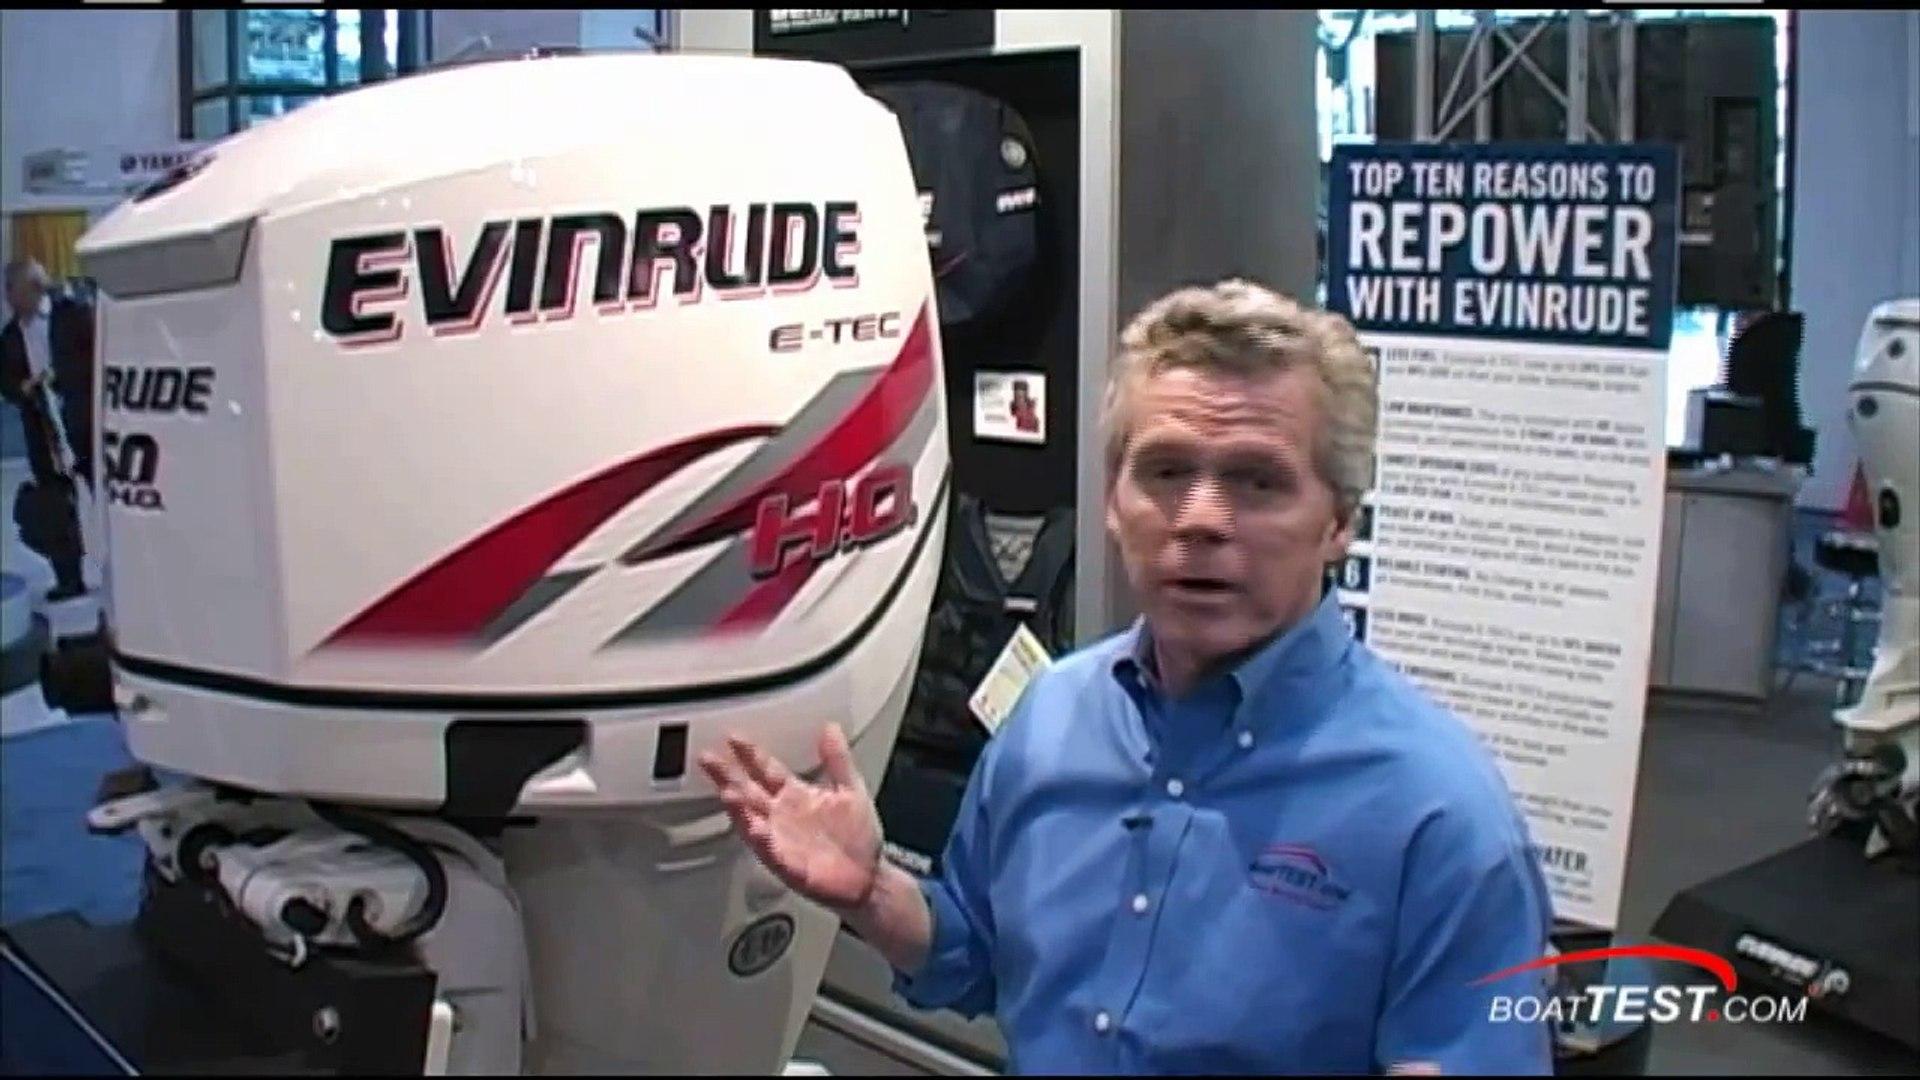 EVINRUDE 150 HO E-TEC Engine Reviews (2 stroke) - By BoatTEST COM